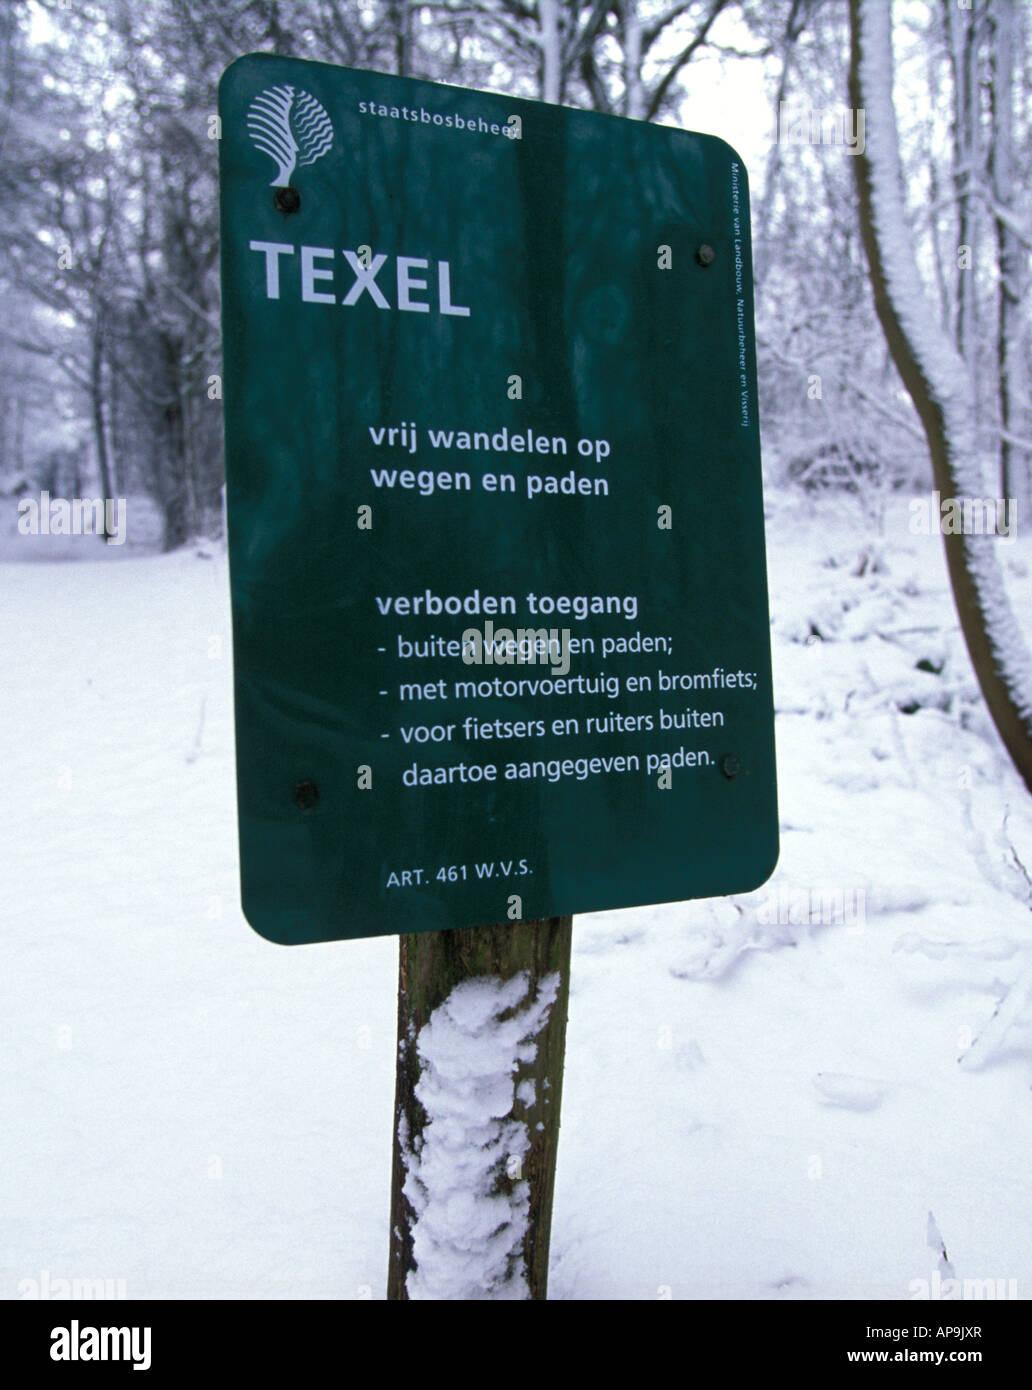 Texel wintertime the forest De Dennen staatsbosbeheer - Stock Image